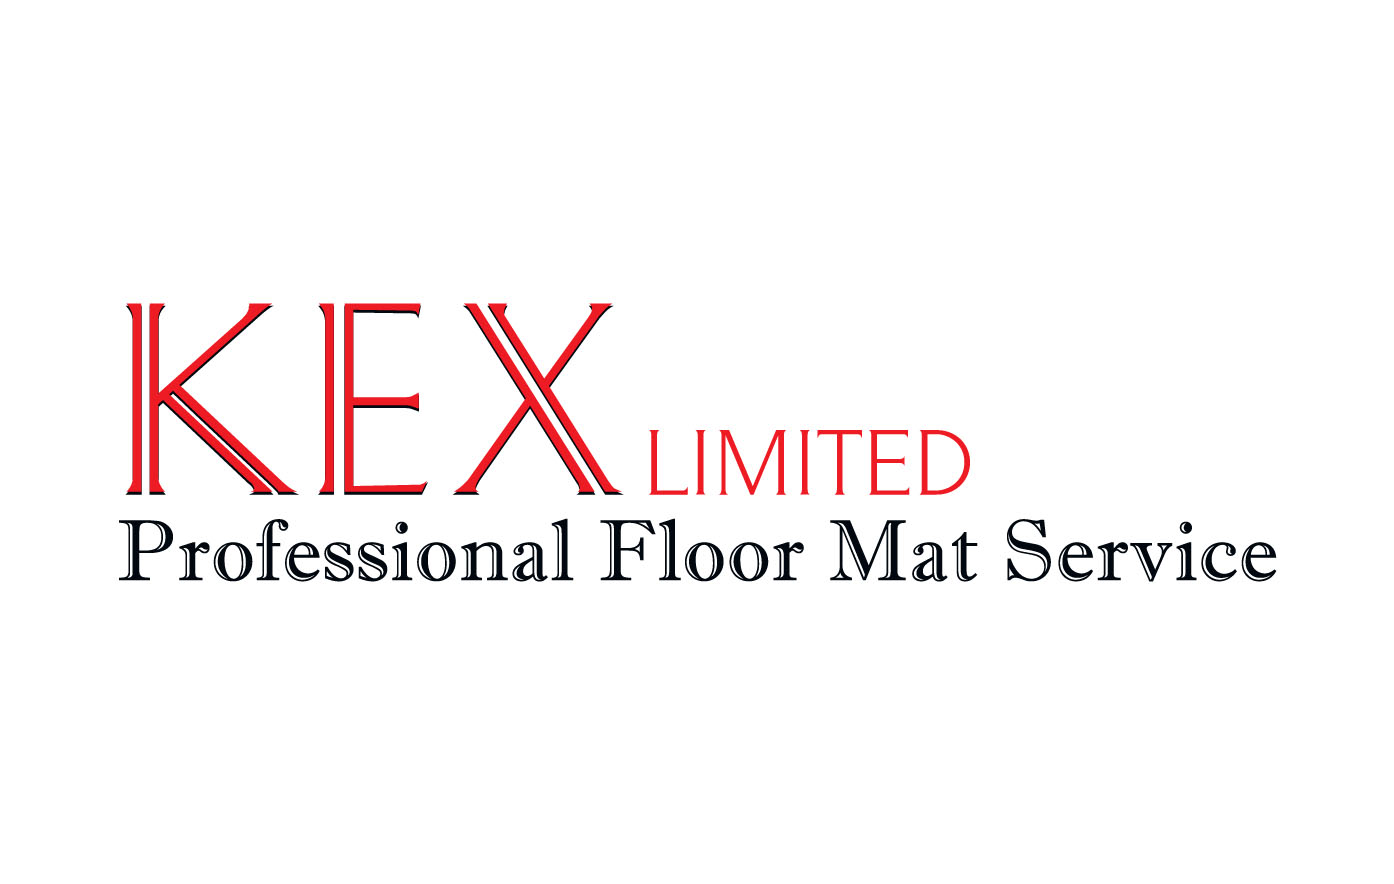 KEX Ltd.